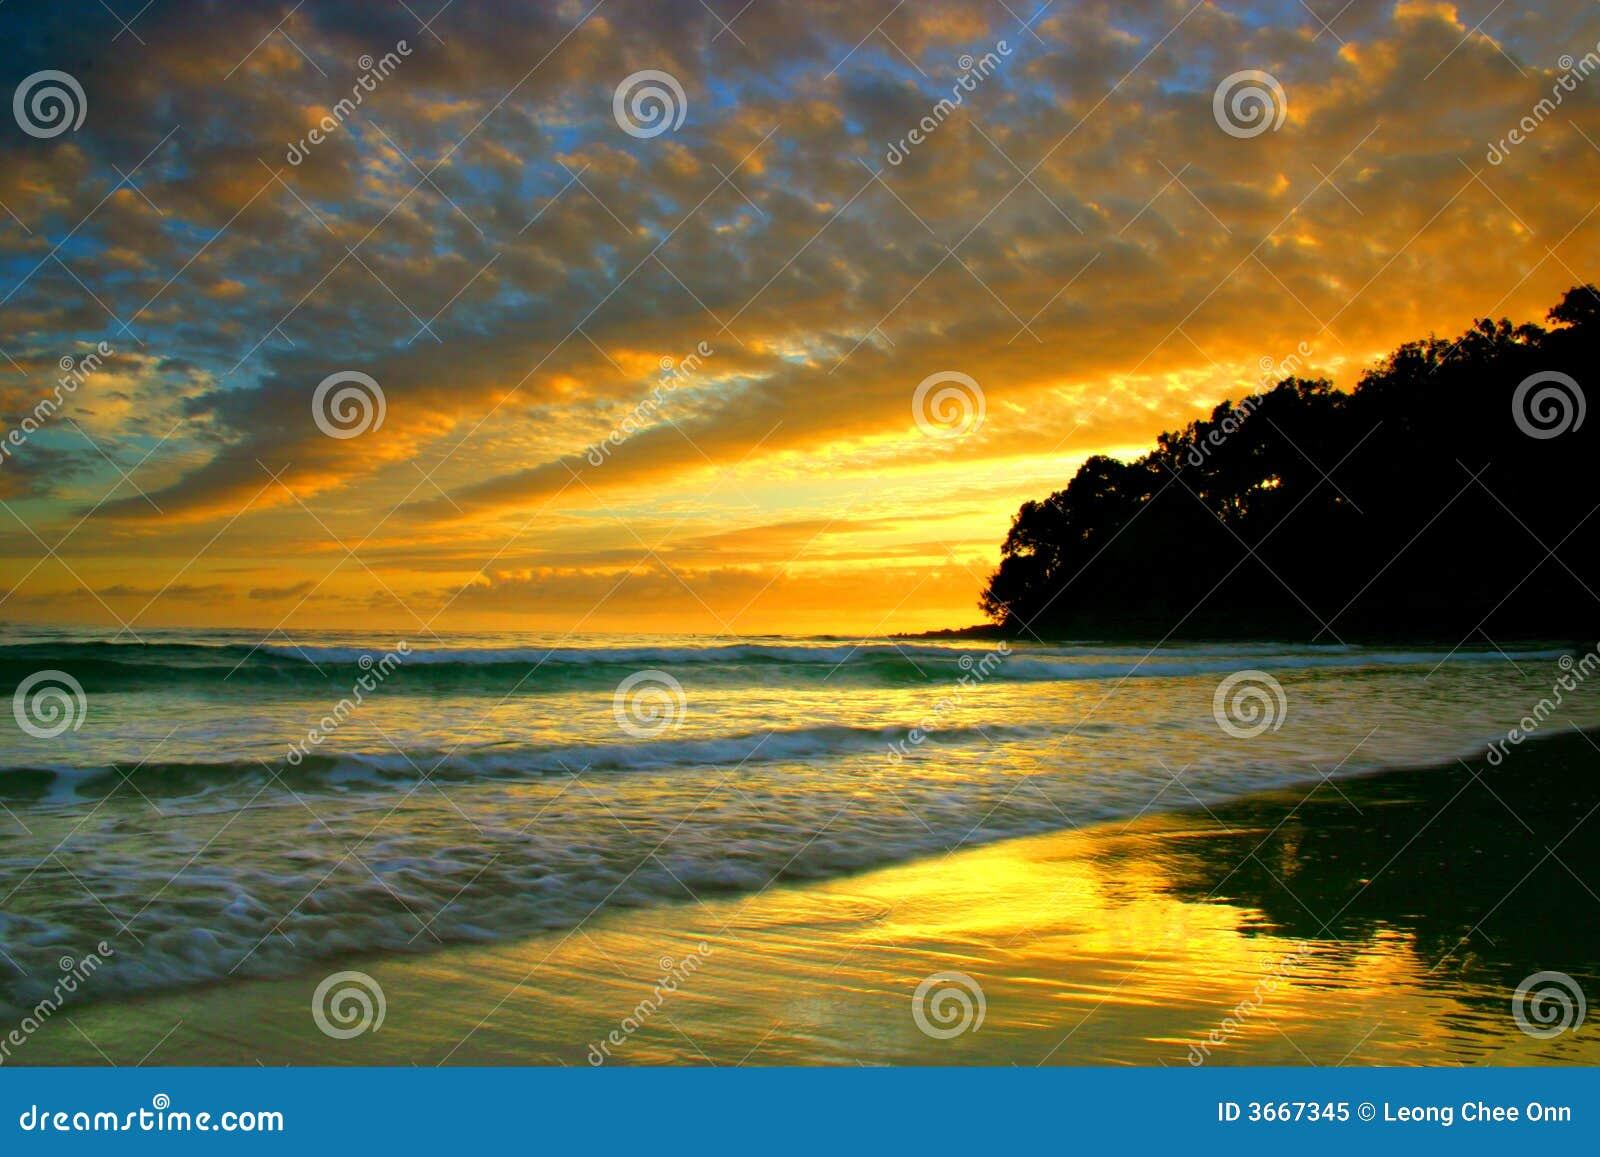 澳洲海岸阳光